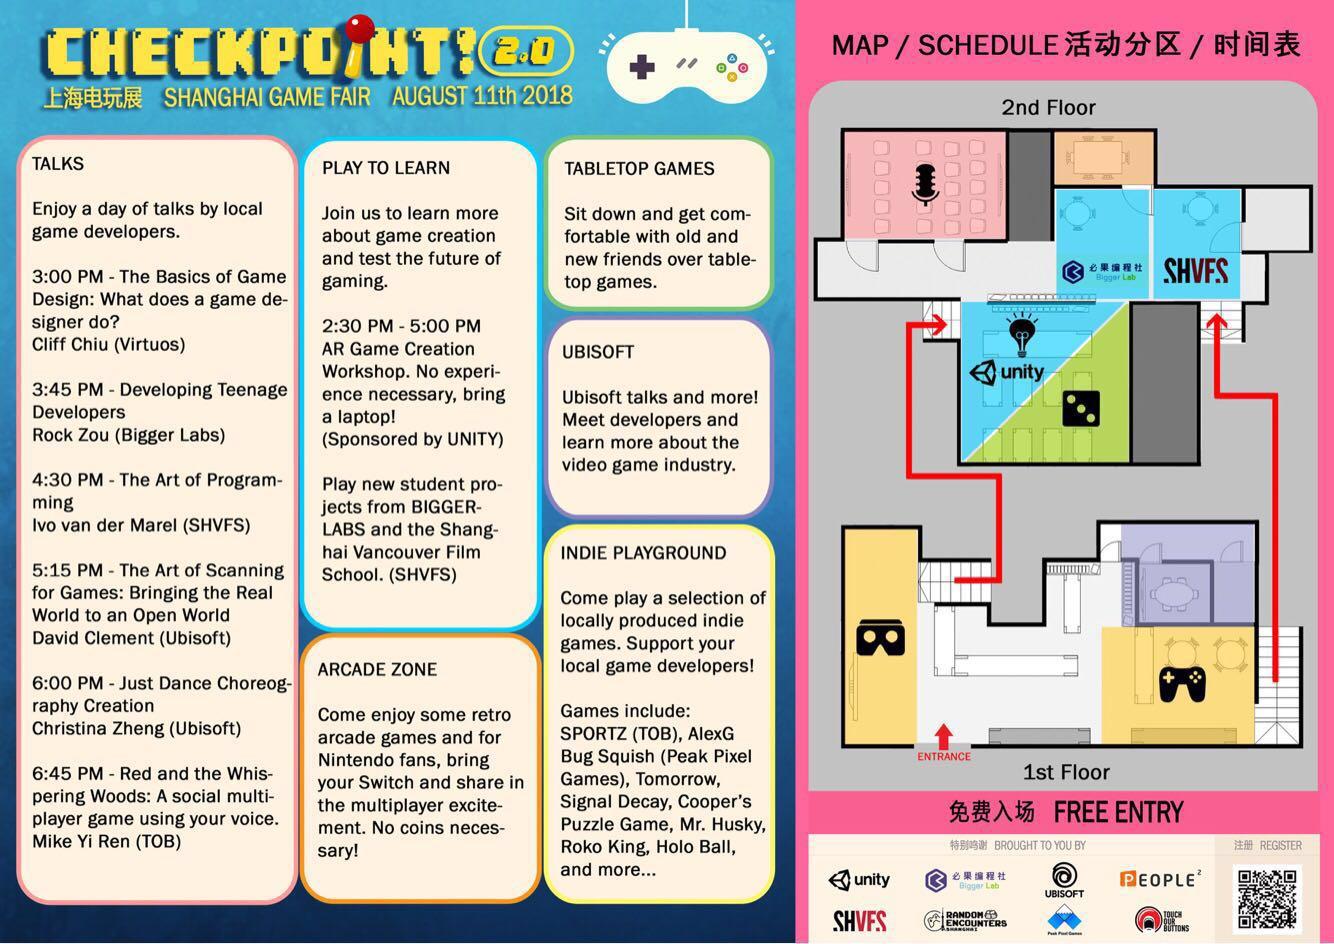 checkpoint!schedule